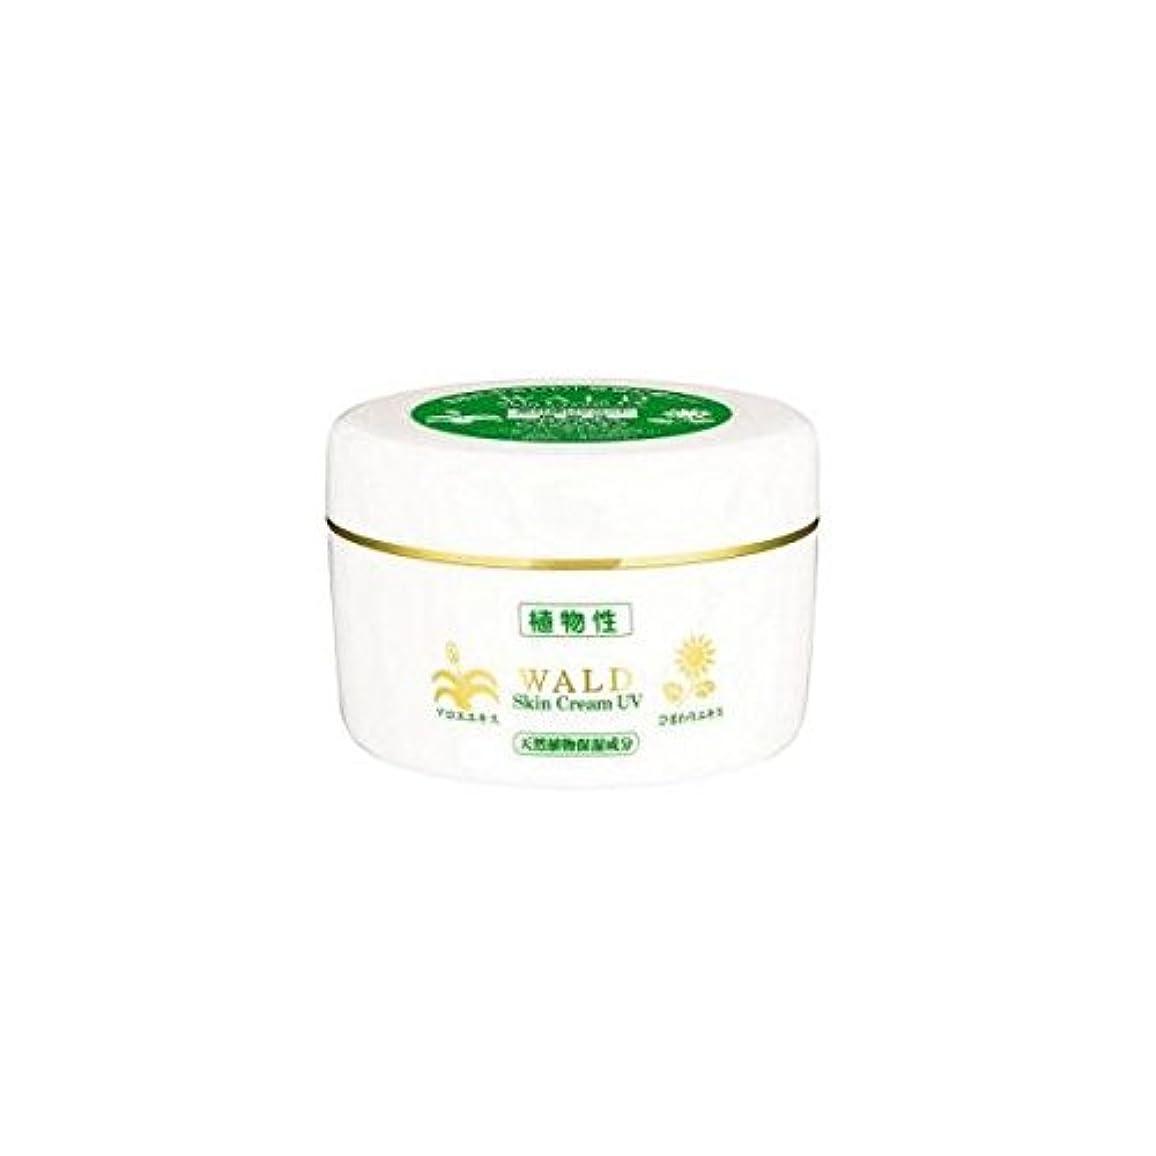 接触傾いた自伝新 ヴァルトスキンクリーム UV (WALD Skin Cream UV) 220g (1)